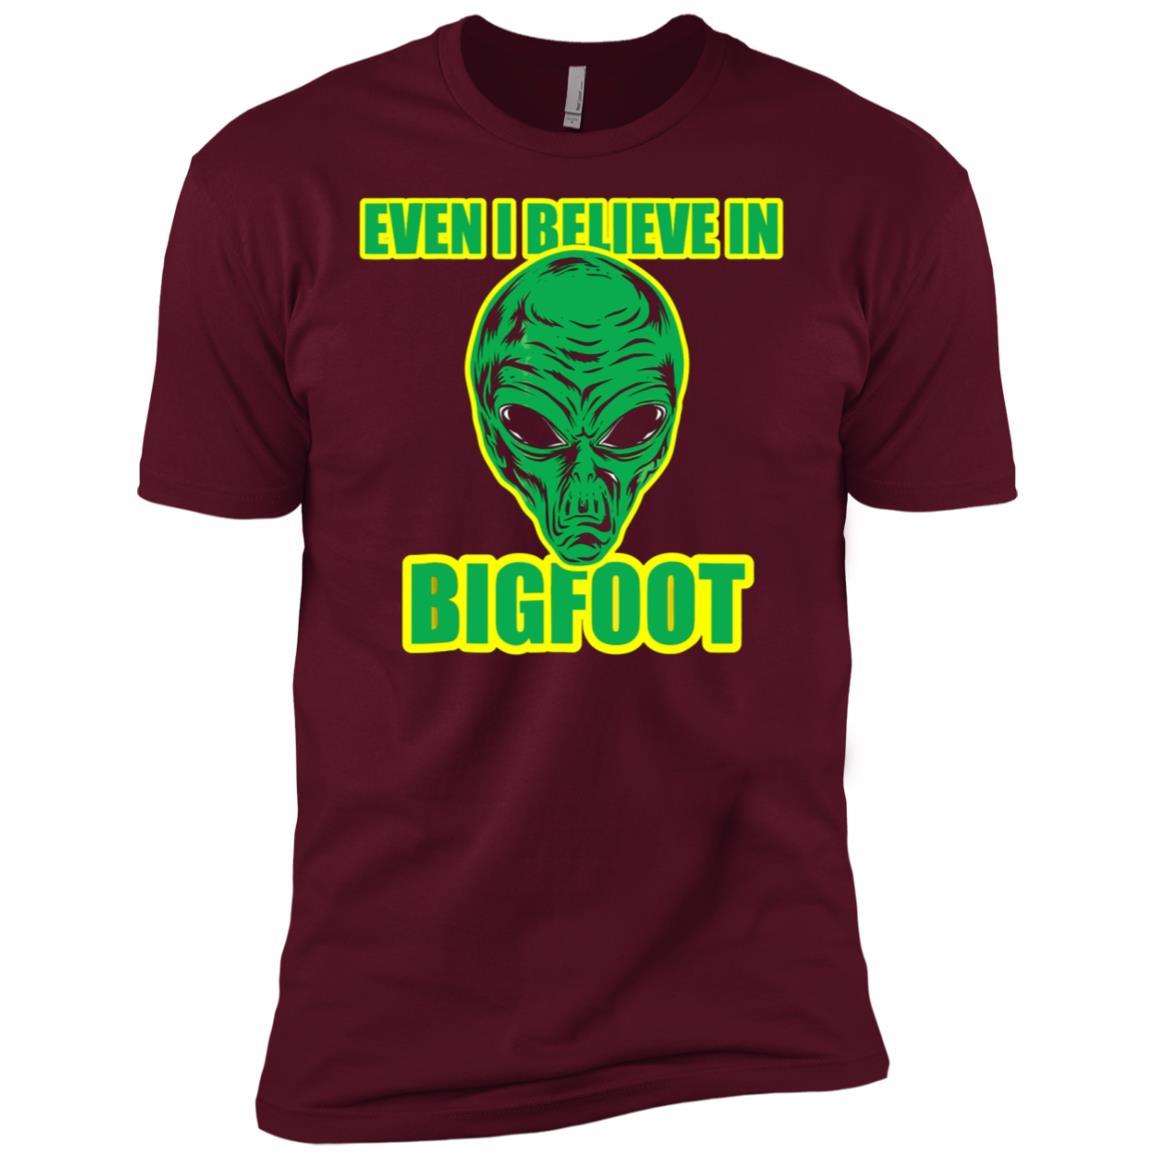 Aliens Believe In Bigfoot Funny Men Short Sleeve T-Shirt